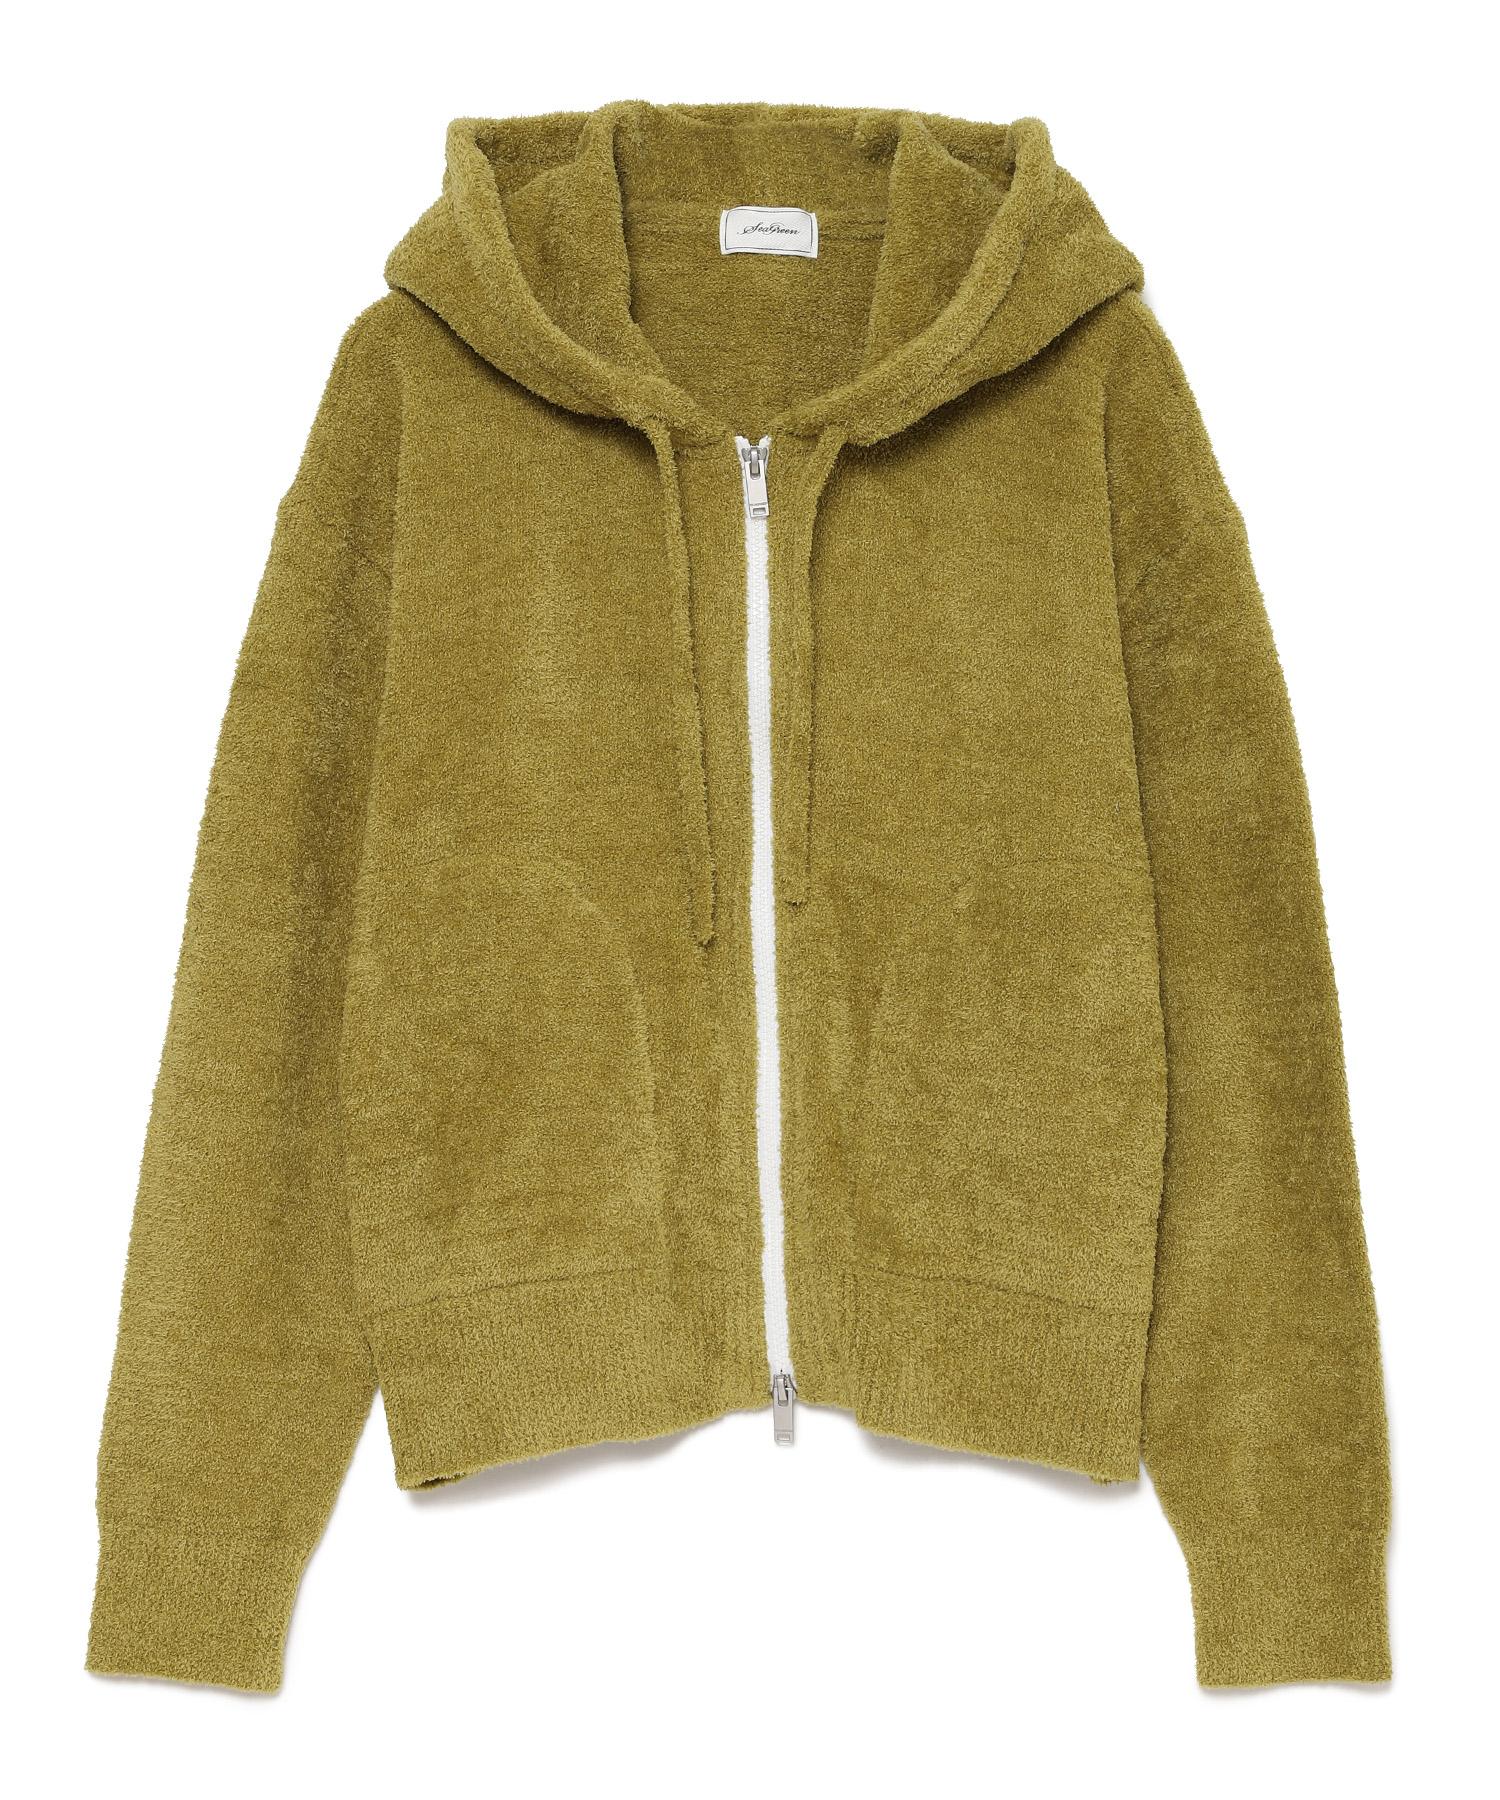 Seagreen MOCO room wear hoodie